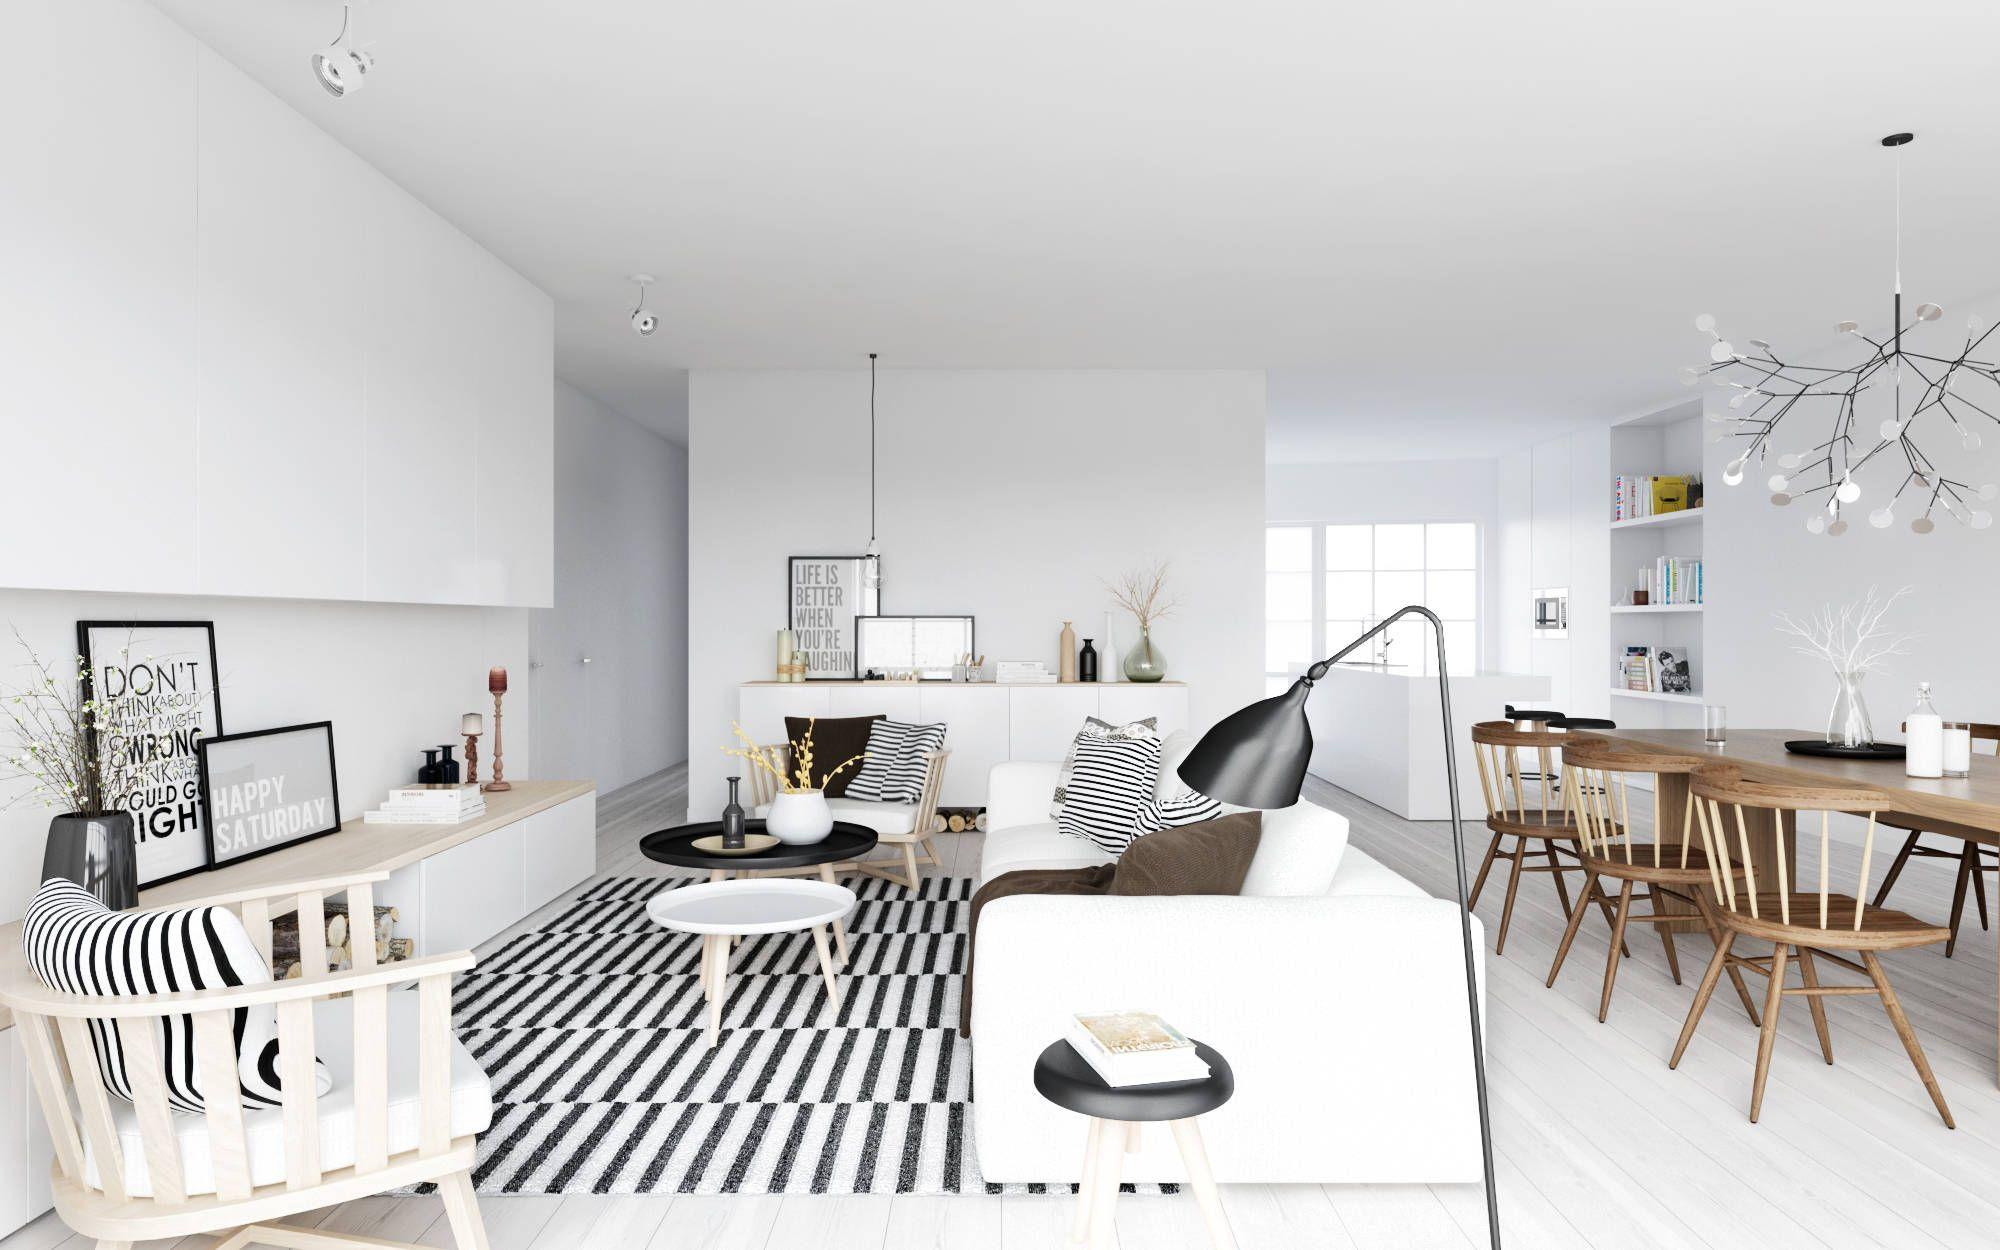 Bemerkenswert Teppich Skandinavisch Beste Wahl Skandinavisch-wohnzimmer-grauer-teppich-cooler-couchtisch-wohnzimmer Teppiche